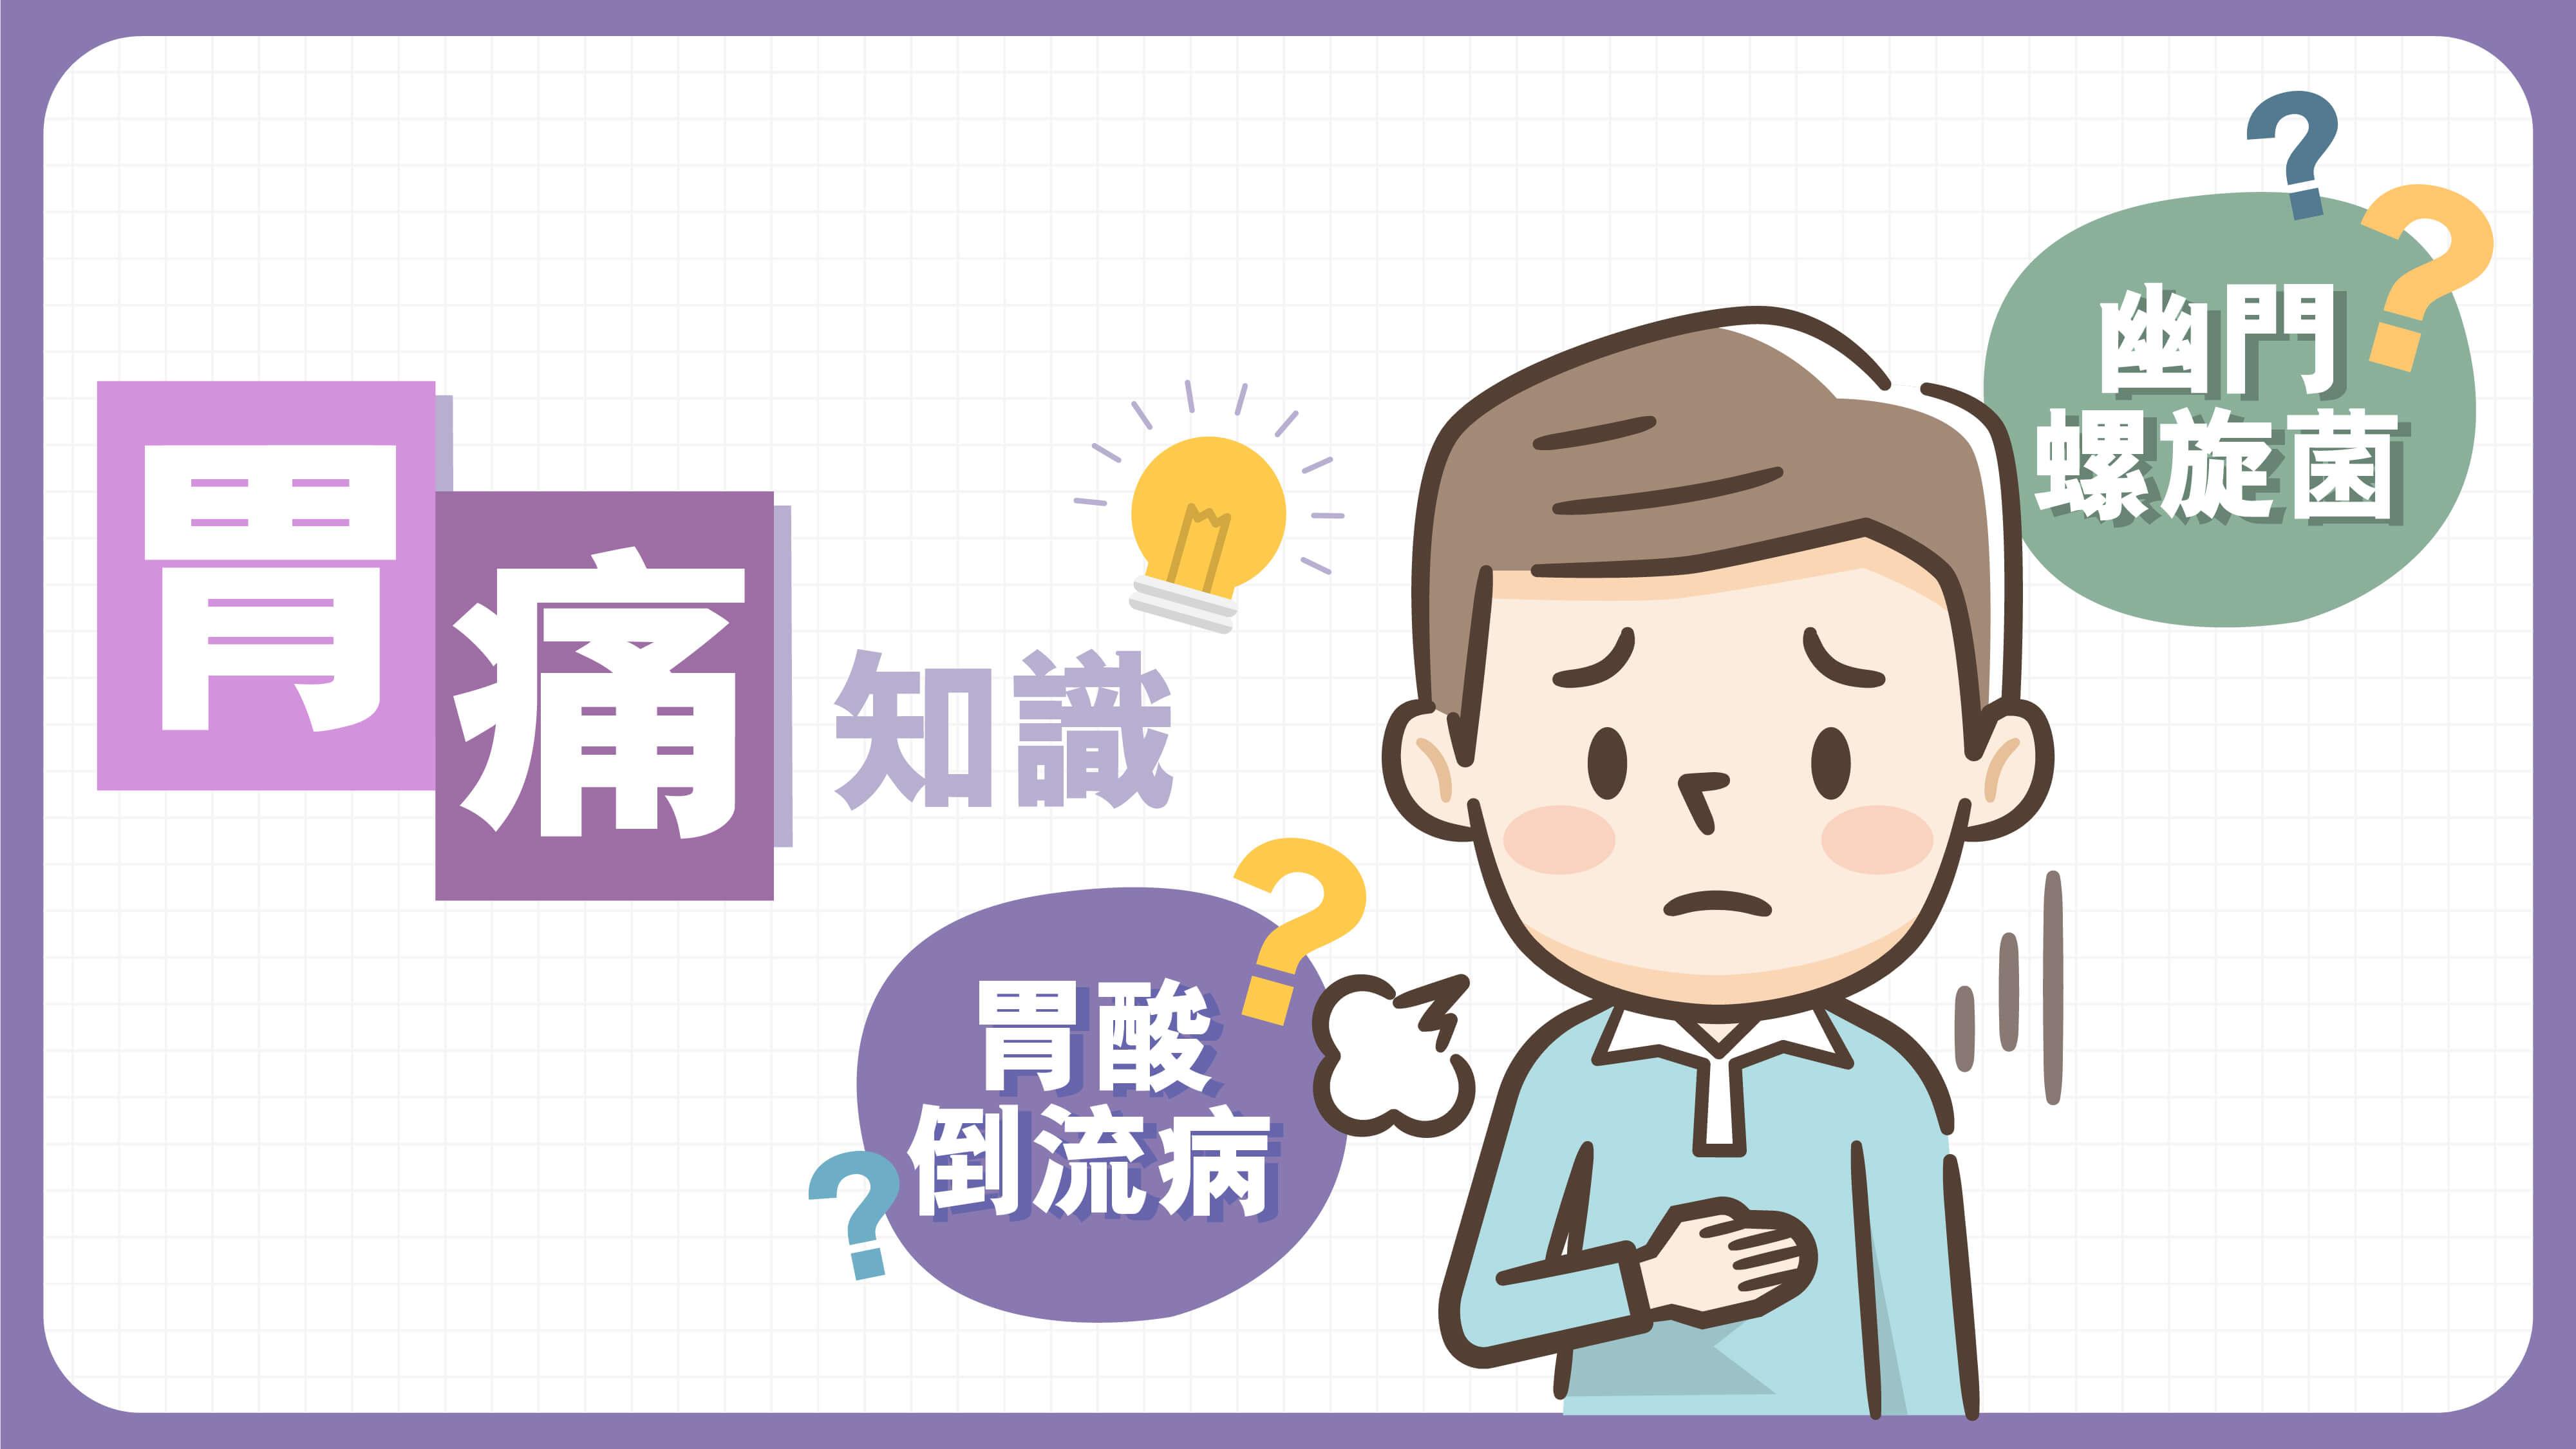 【胃痛知識】胃酸倒流病vs幽門螺旋菌